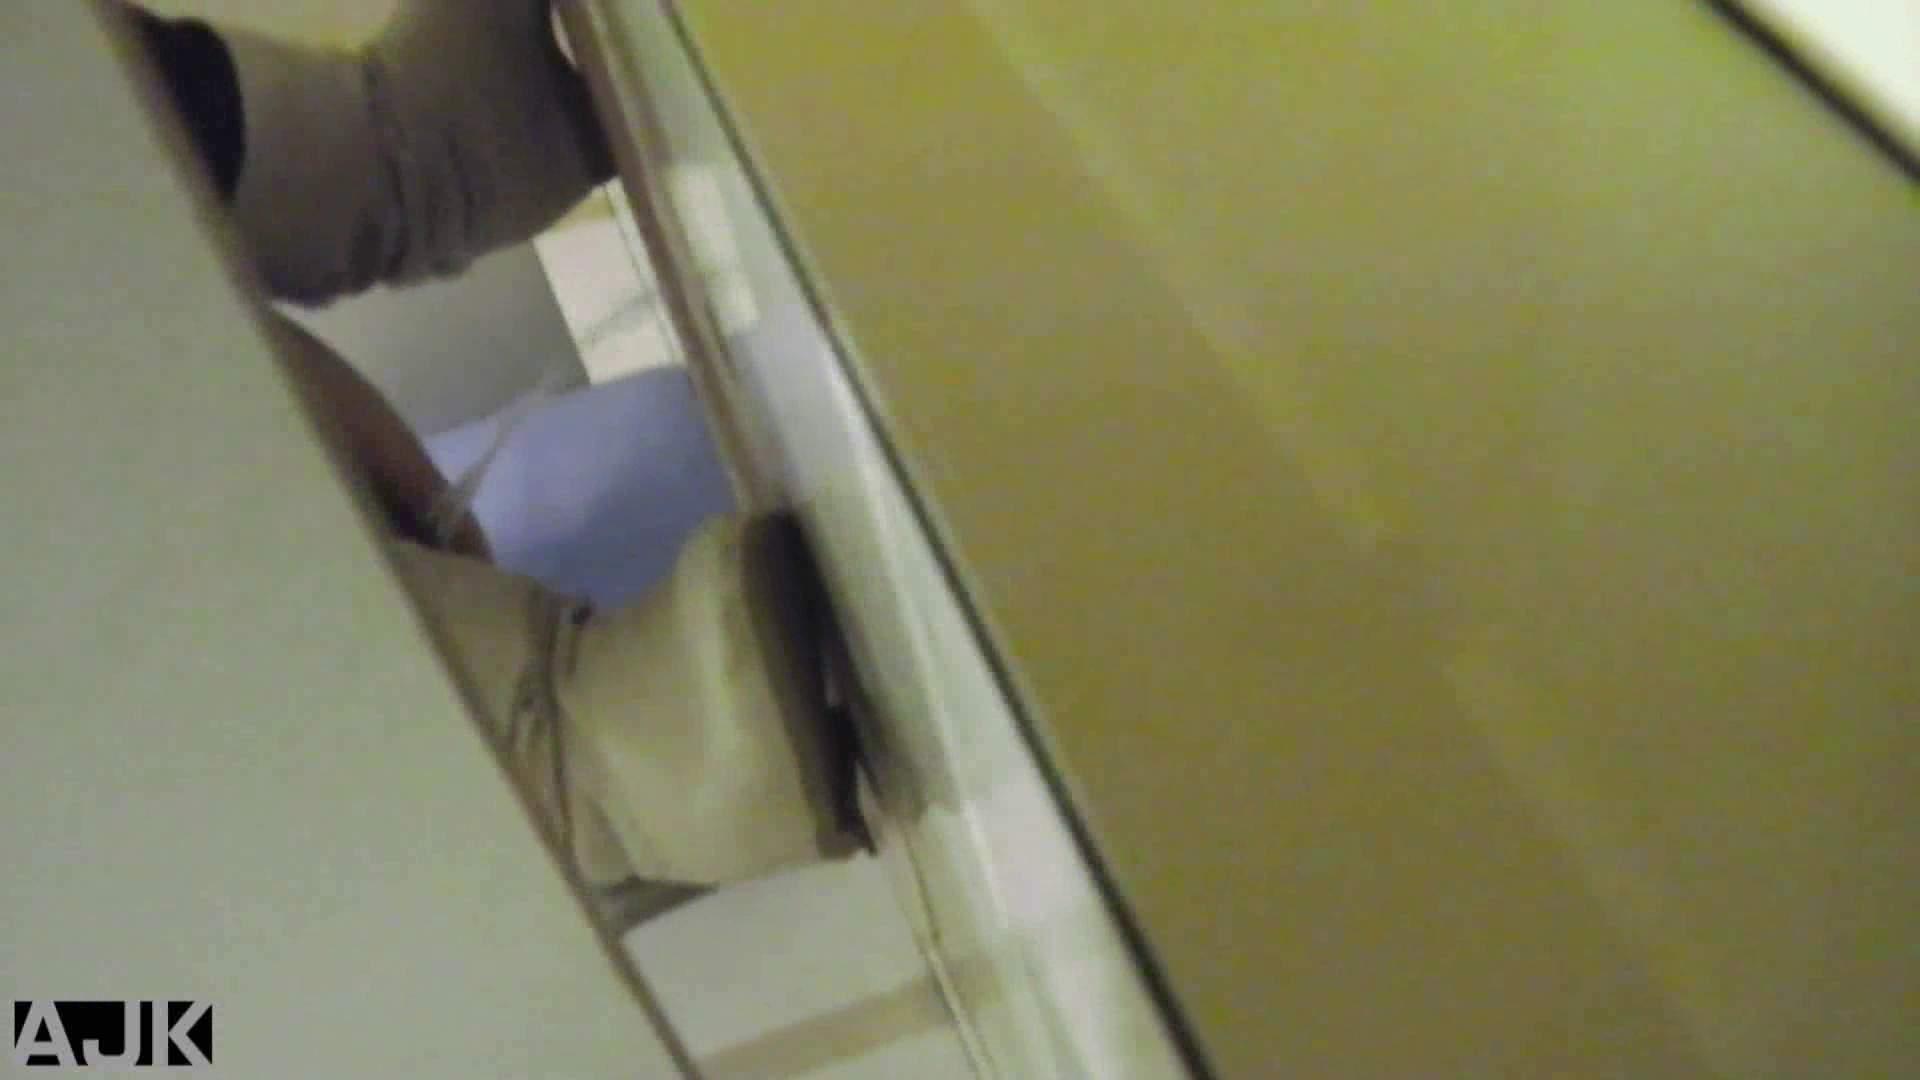 隣国上階級エリアの令嬢たちが集うデパートお手洗い Vol.11 お手洗い  42連発 34